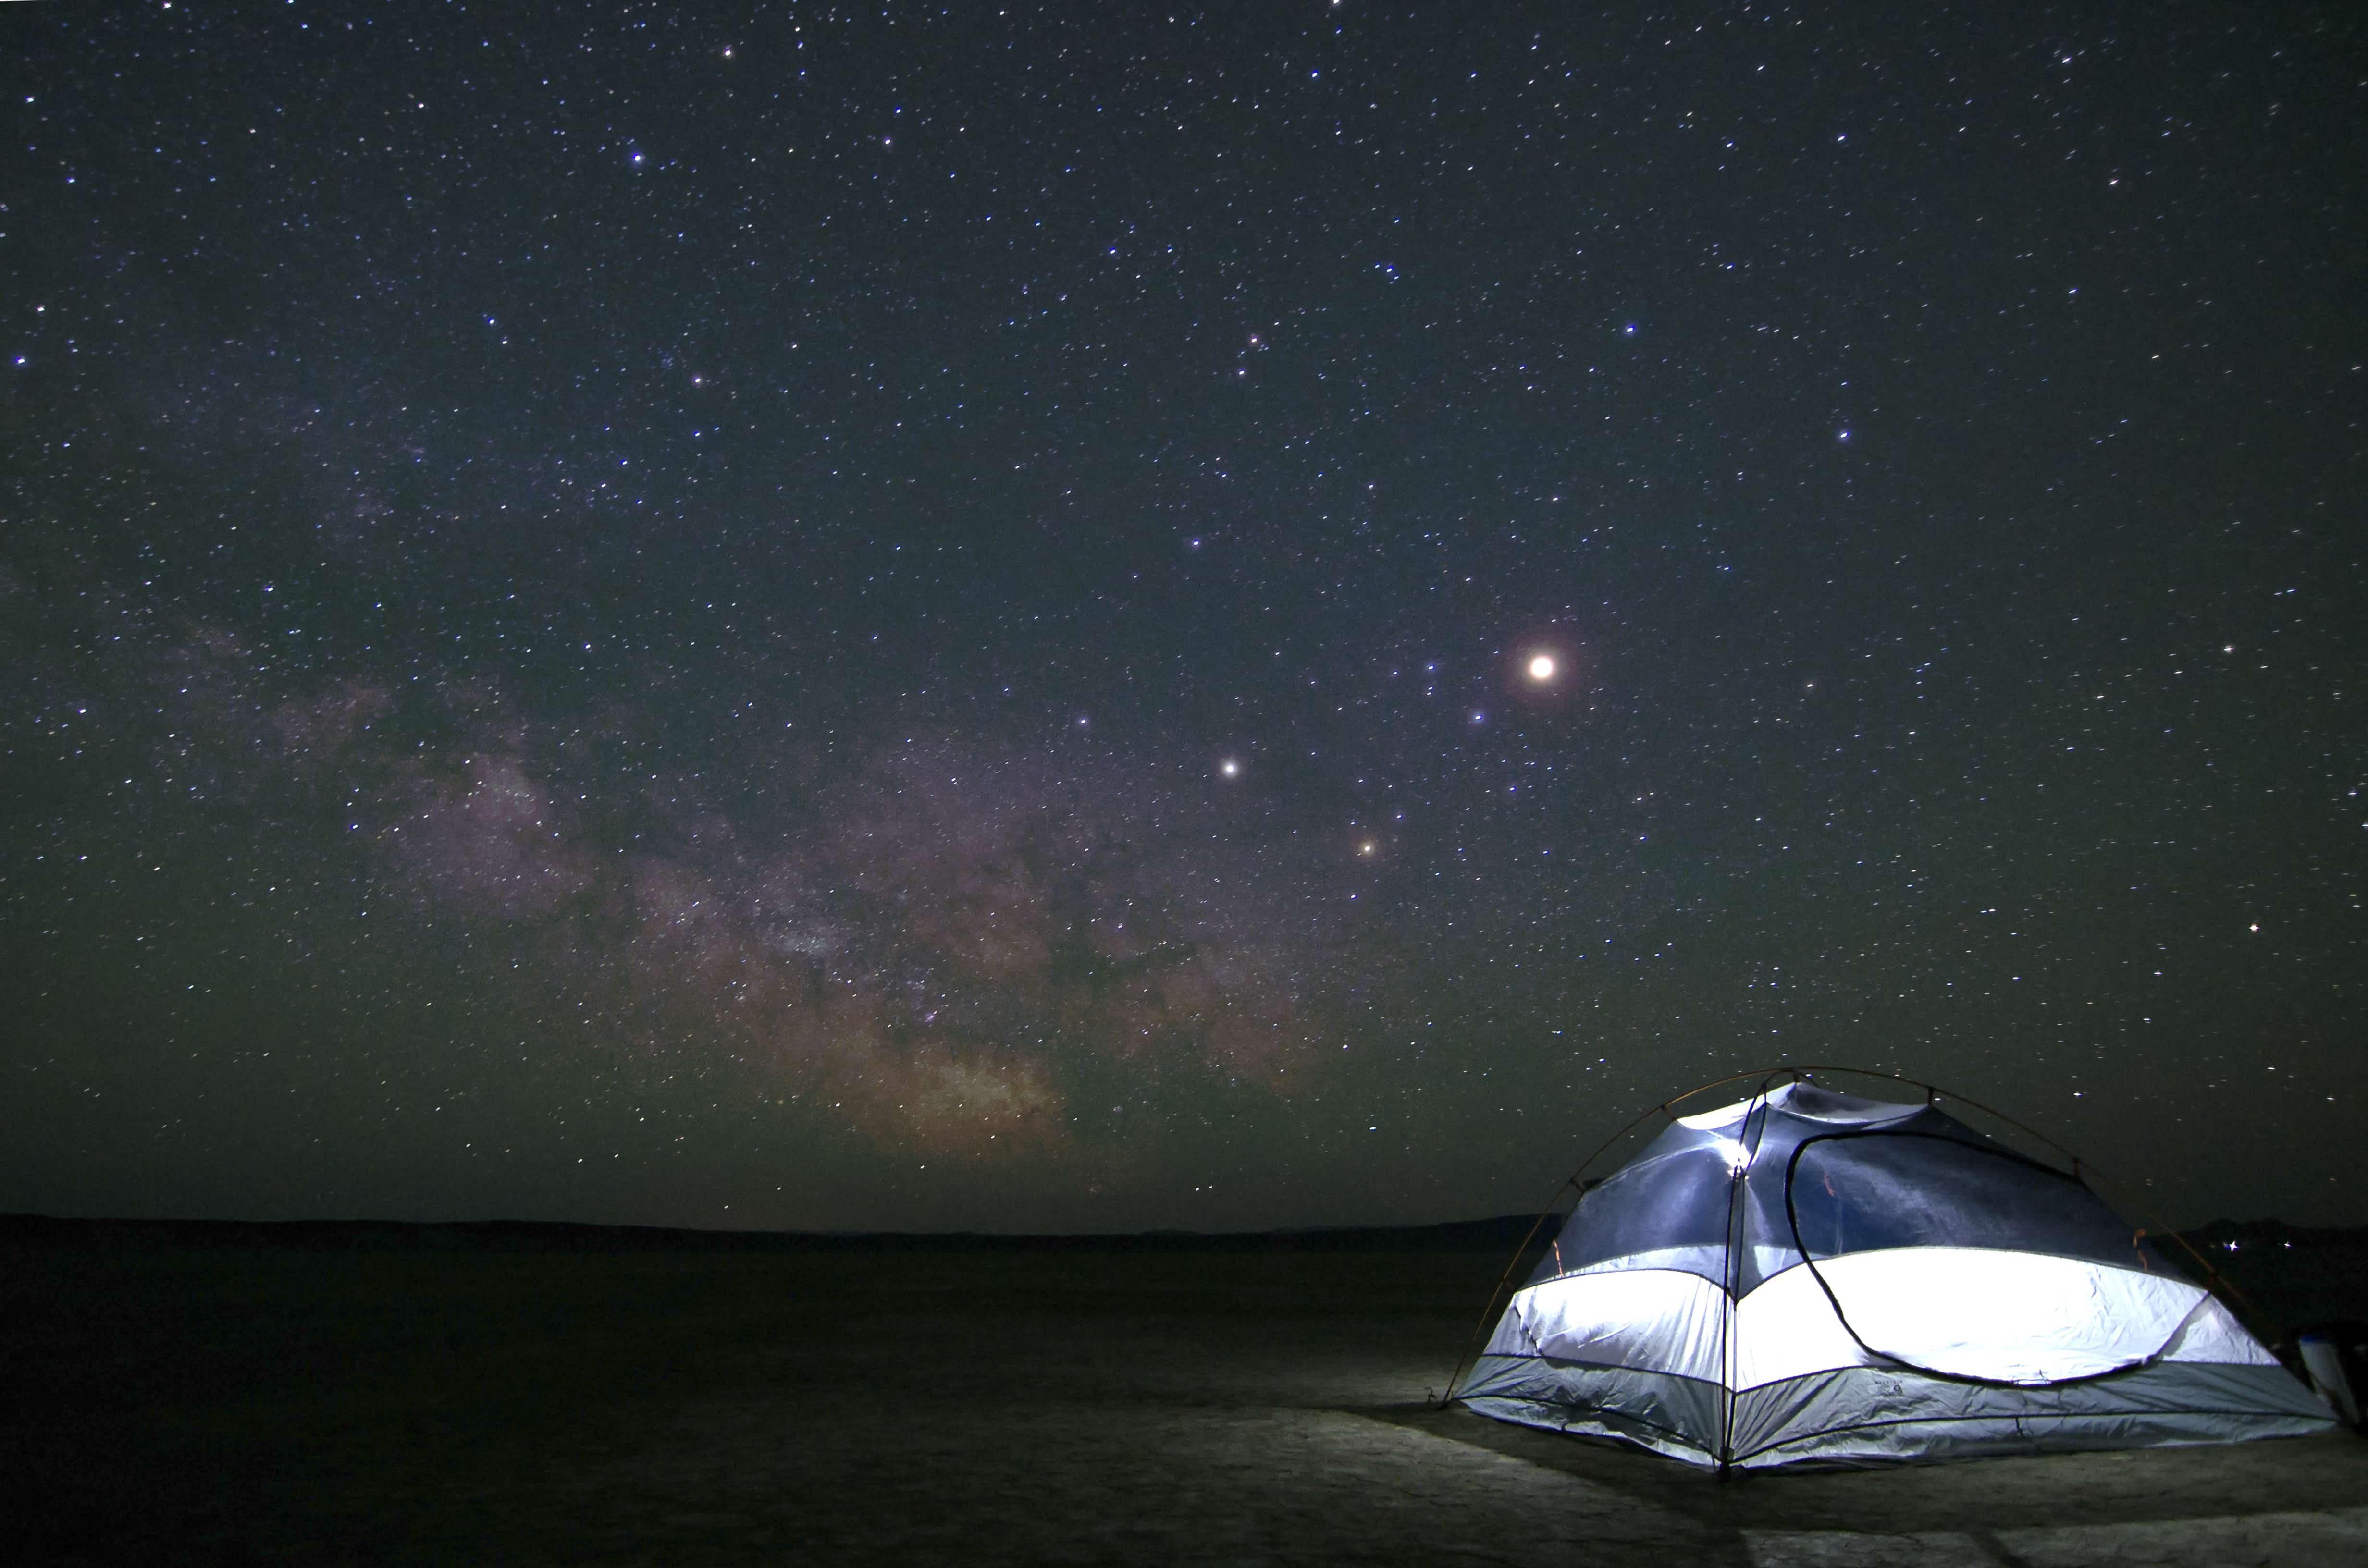 星空のなかでキャンプ